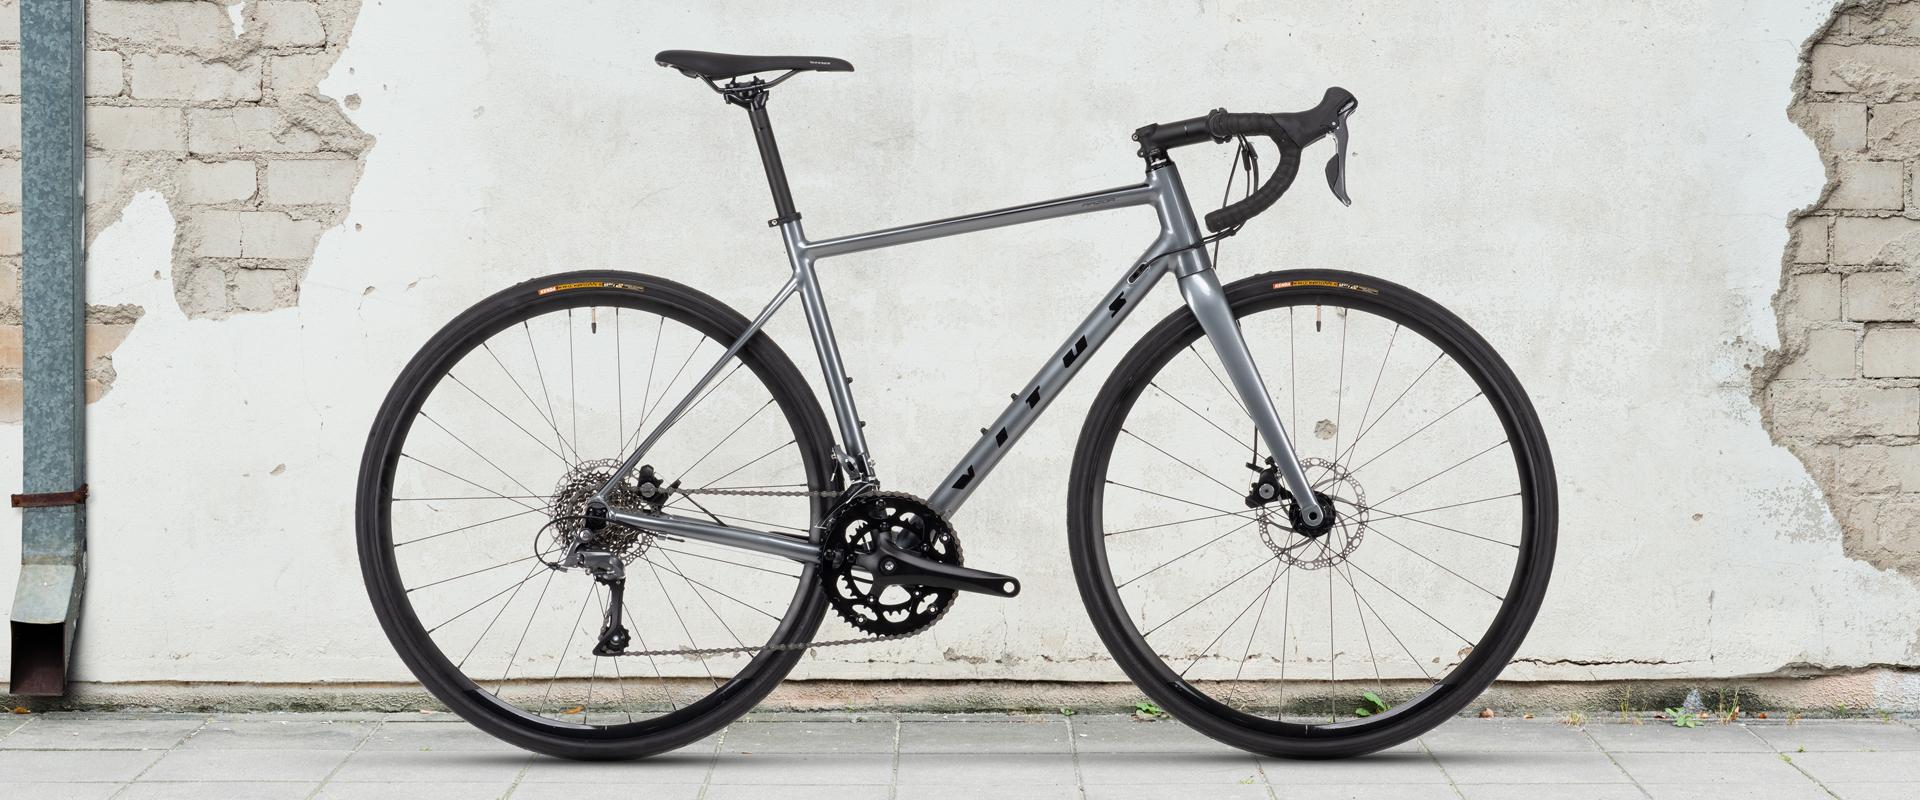 Vitus Razor Disc Road Bike Claris